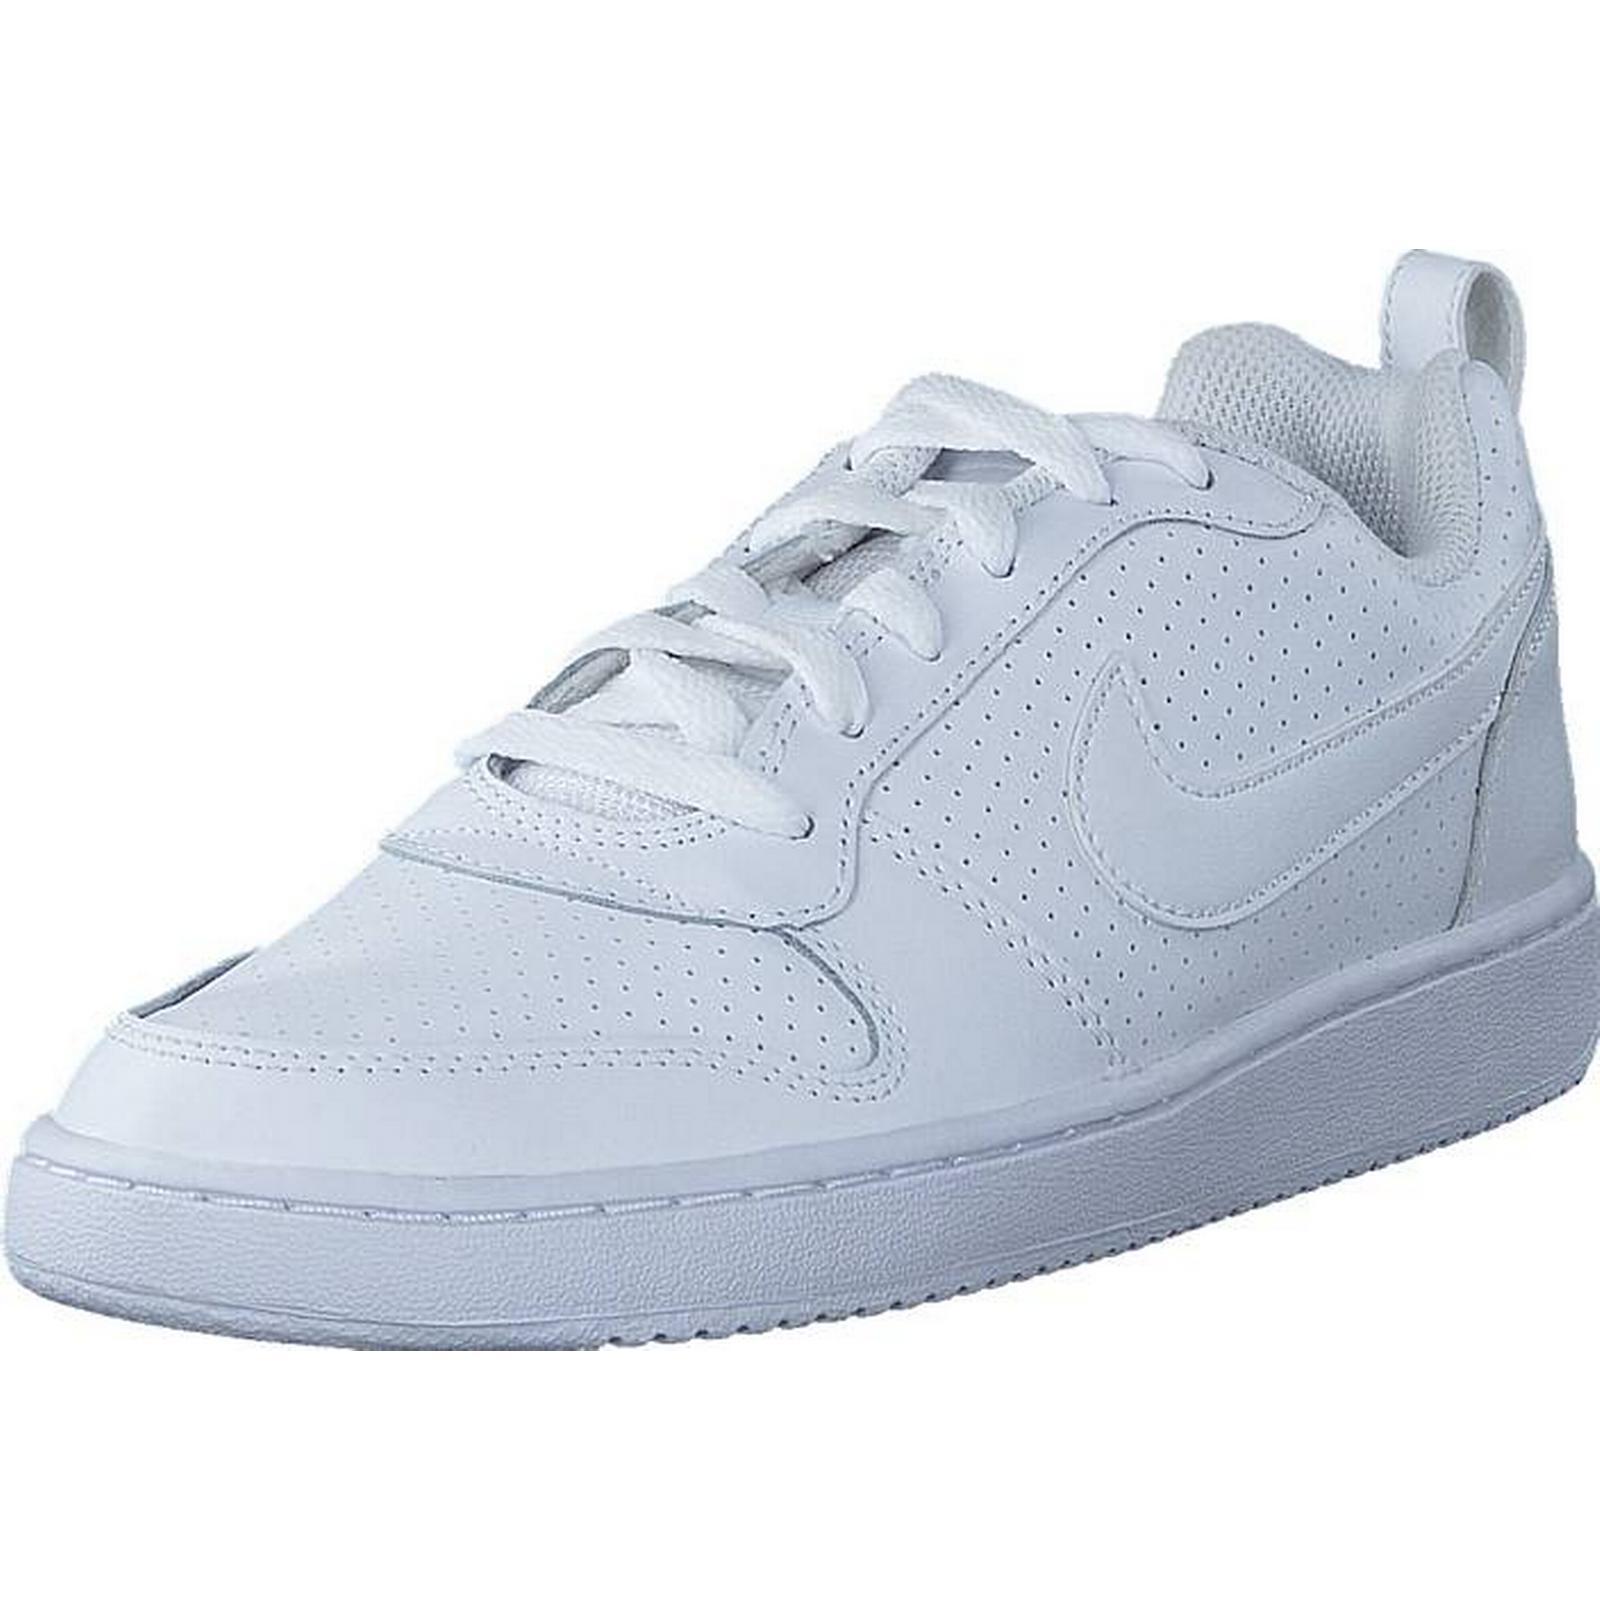 Cour Blanc Des Borough Femme Nike Bas Chaussures v5BBfq